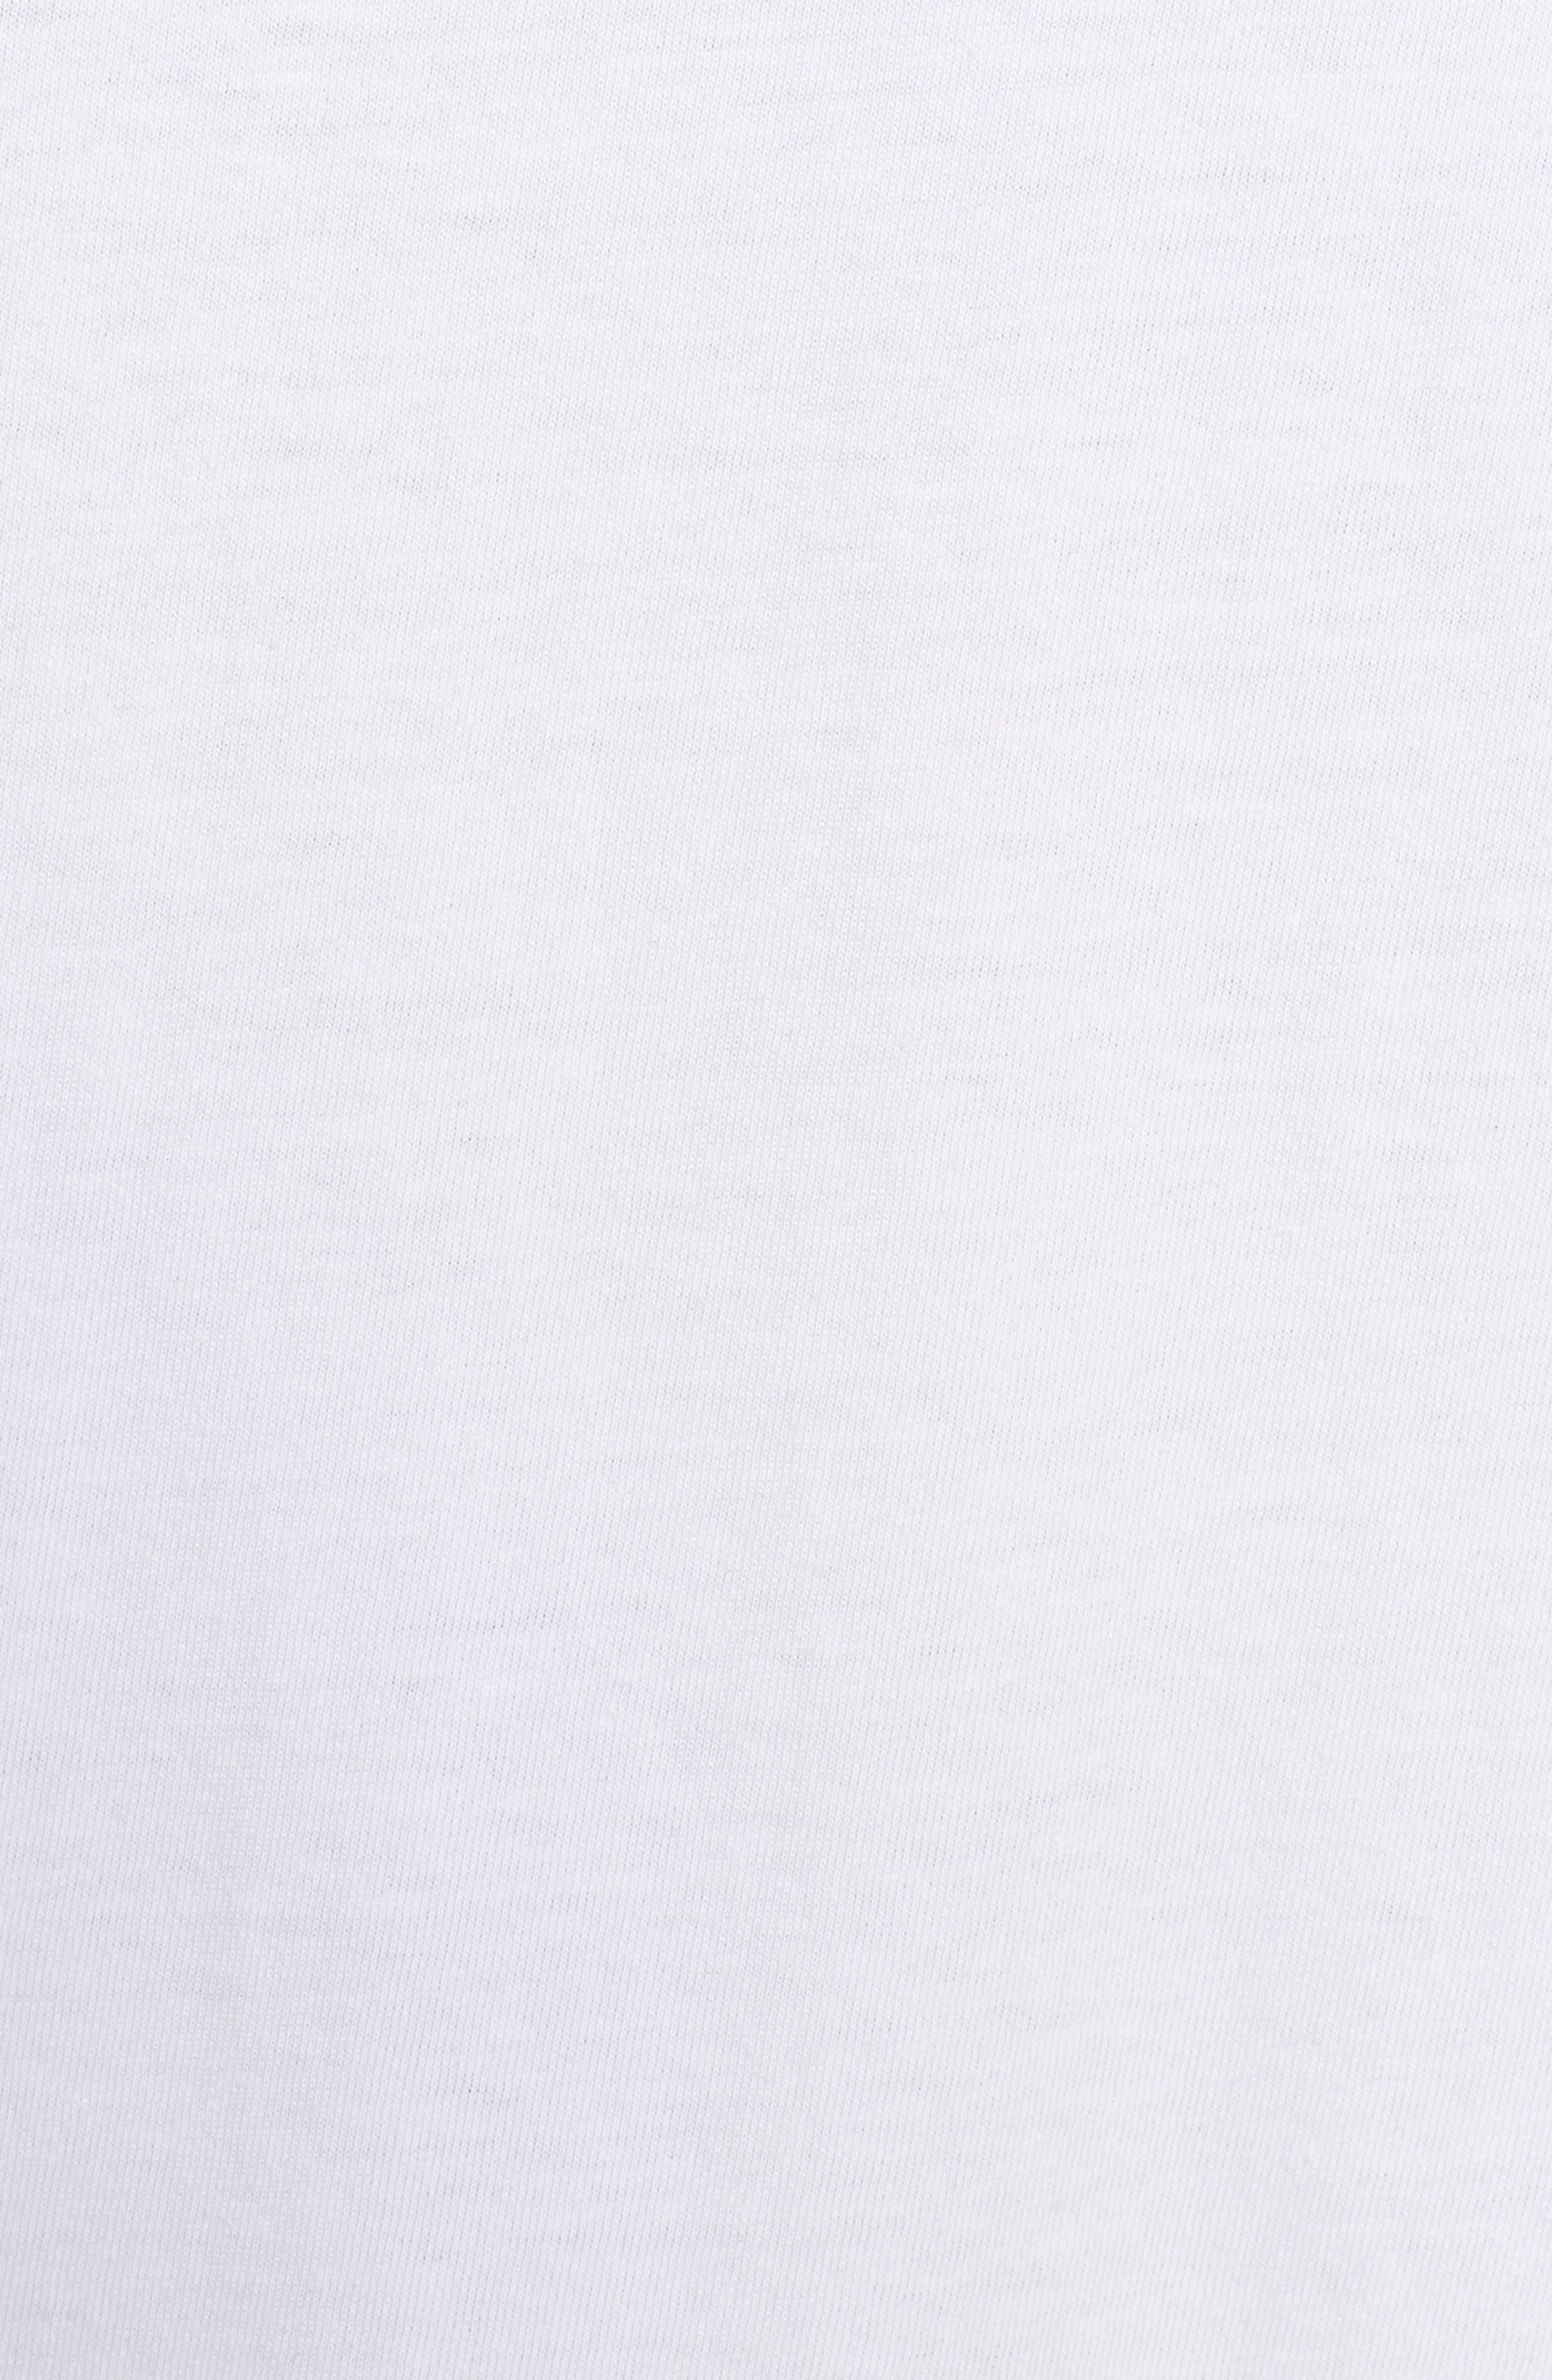 Pigdog T-Shirt,                             Alternate thumbnail 5, color,                             White